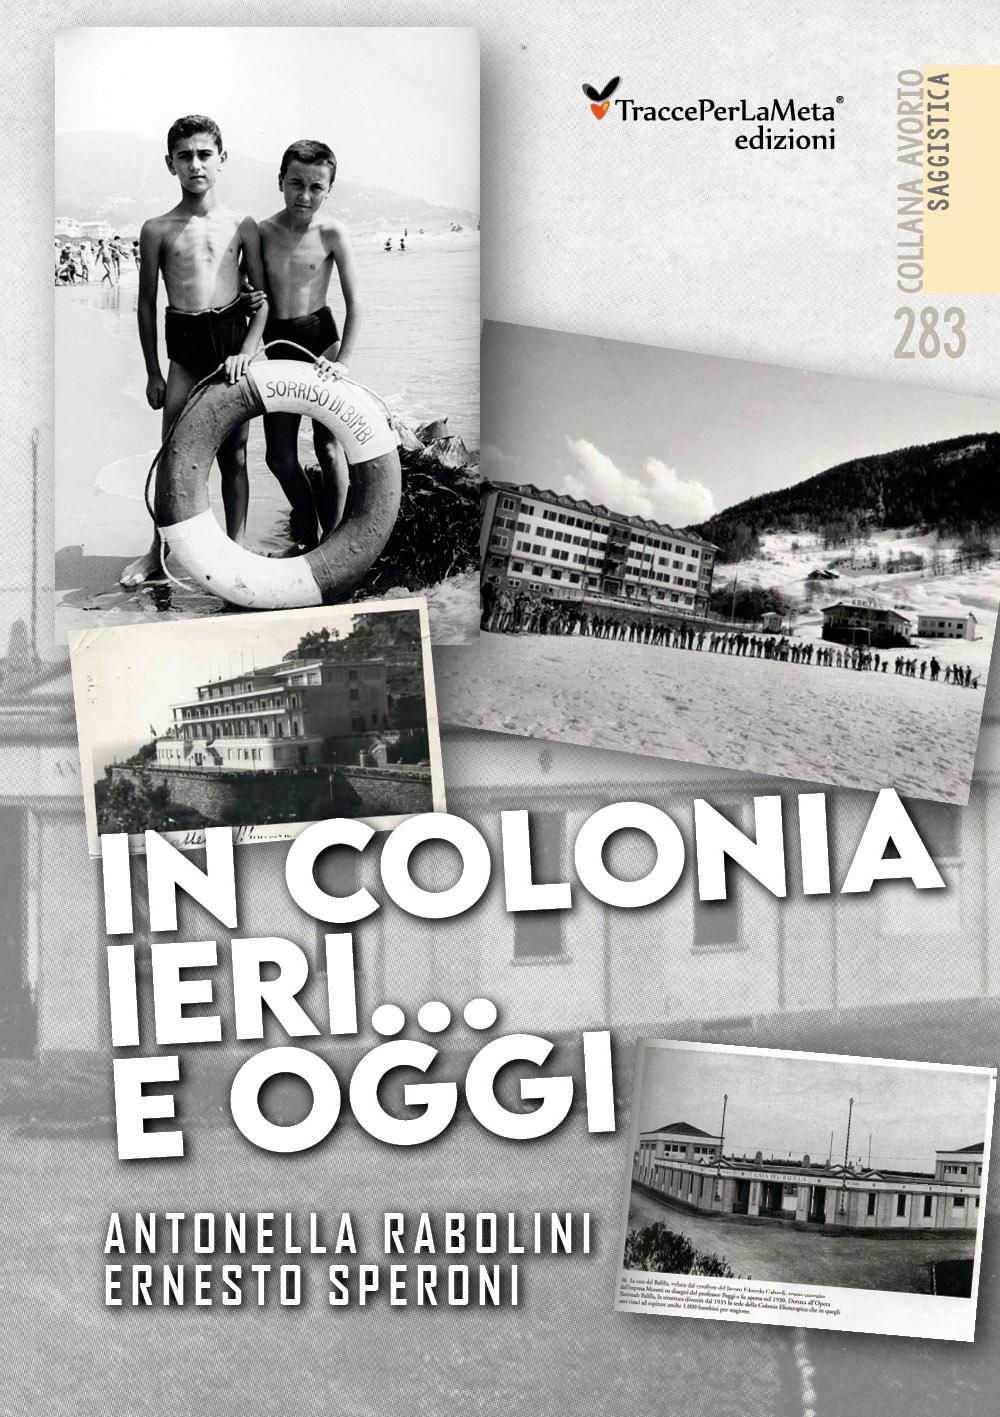 """In libreria un libro fra storia e attualità, ricordi personali e di una intera comunità: """"In colonia ieri…e oggi"""" di Antonella Rabolini e Ernesto Speroni"""